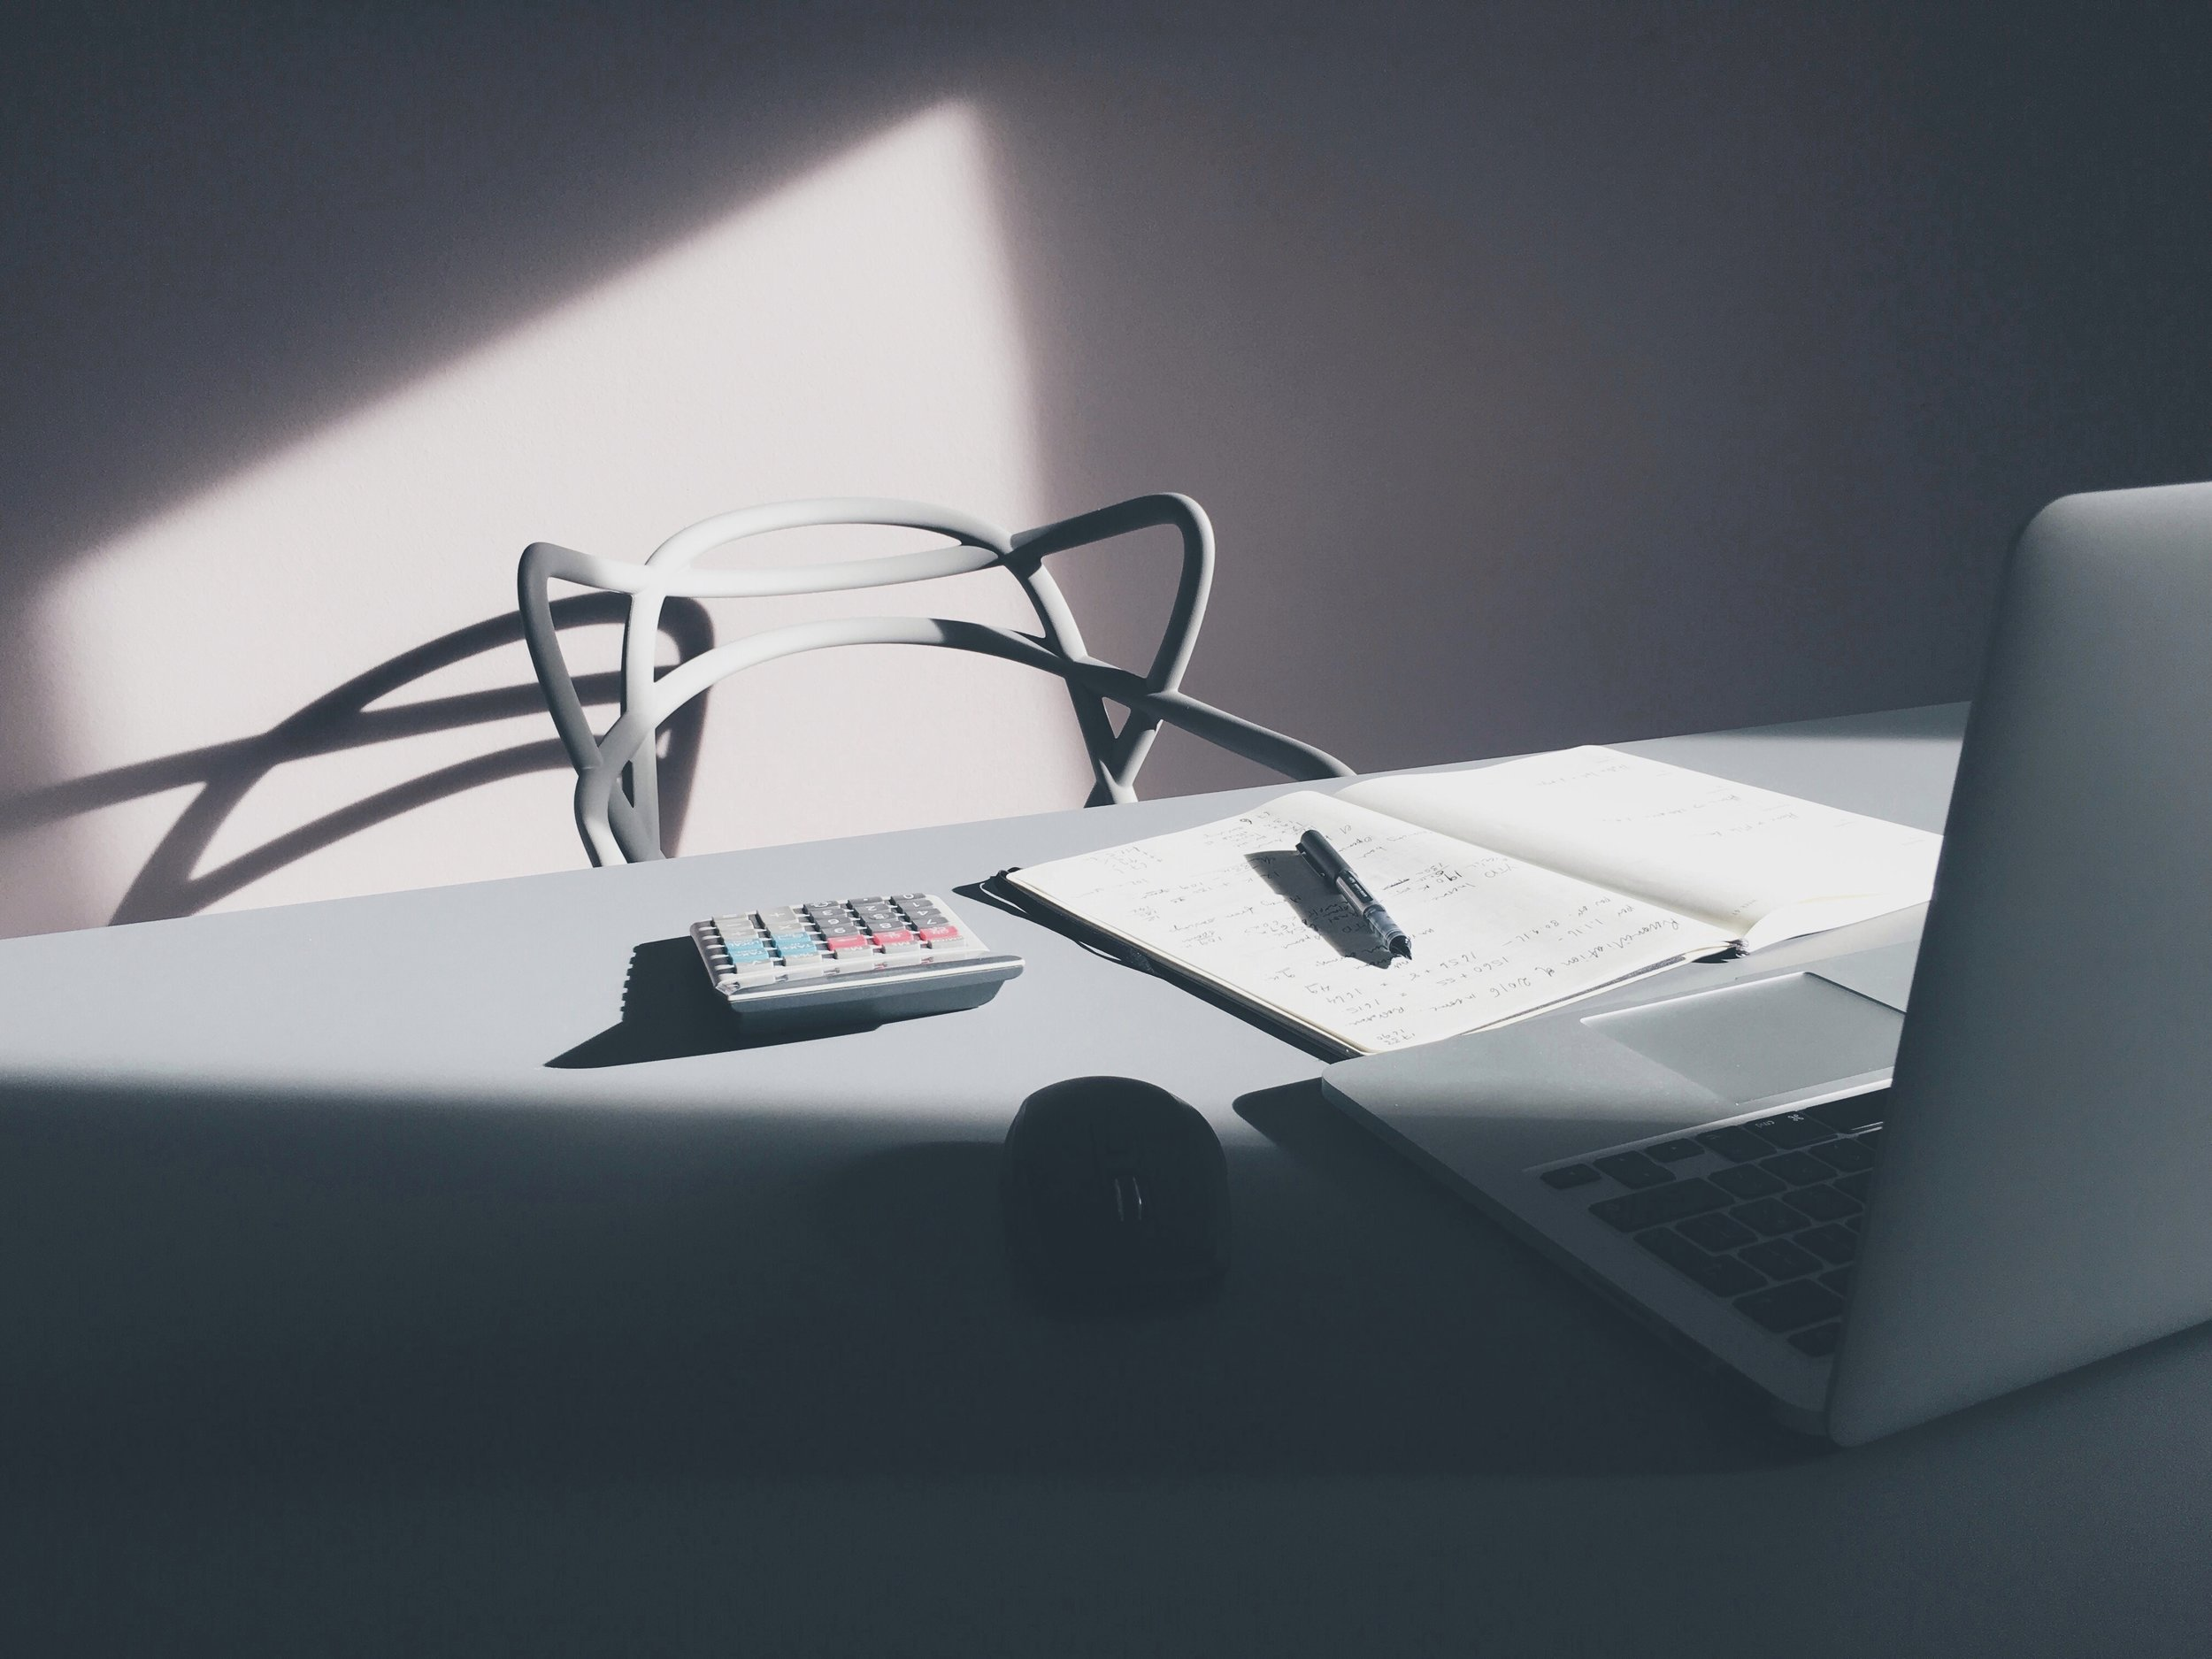 τεχνοργάνωση-σκοπος-στοχος